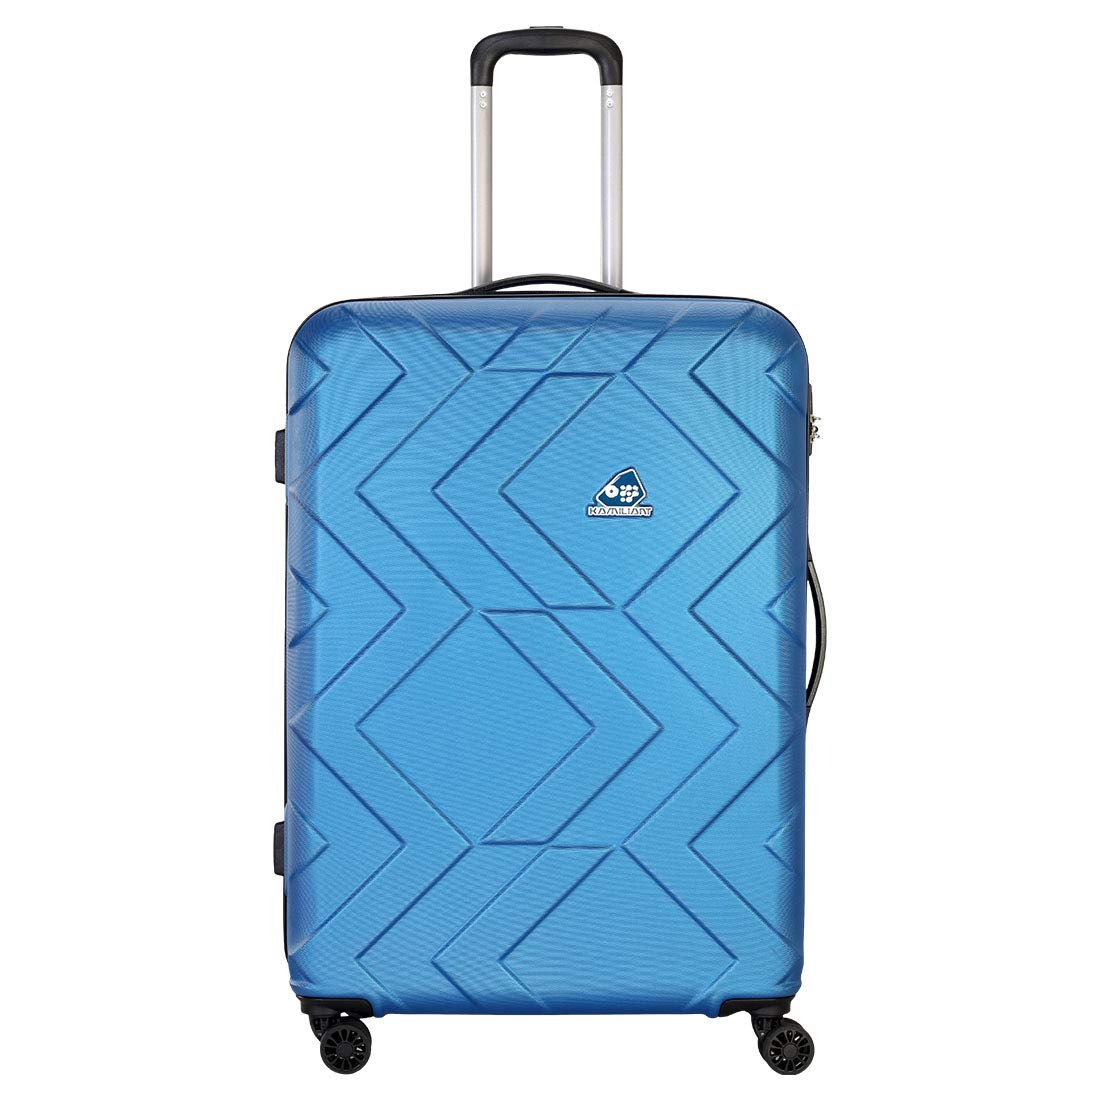 Kamiliant by American Tourister Kam Ohana ABS 33 cms Blue Hardsided Check-in Luggage (KAM Ohana SP 78CM - H Blue)